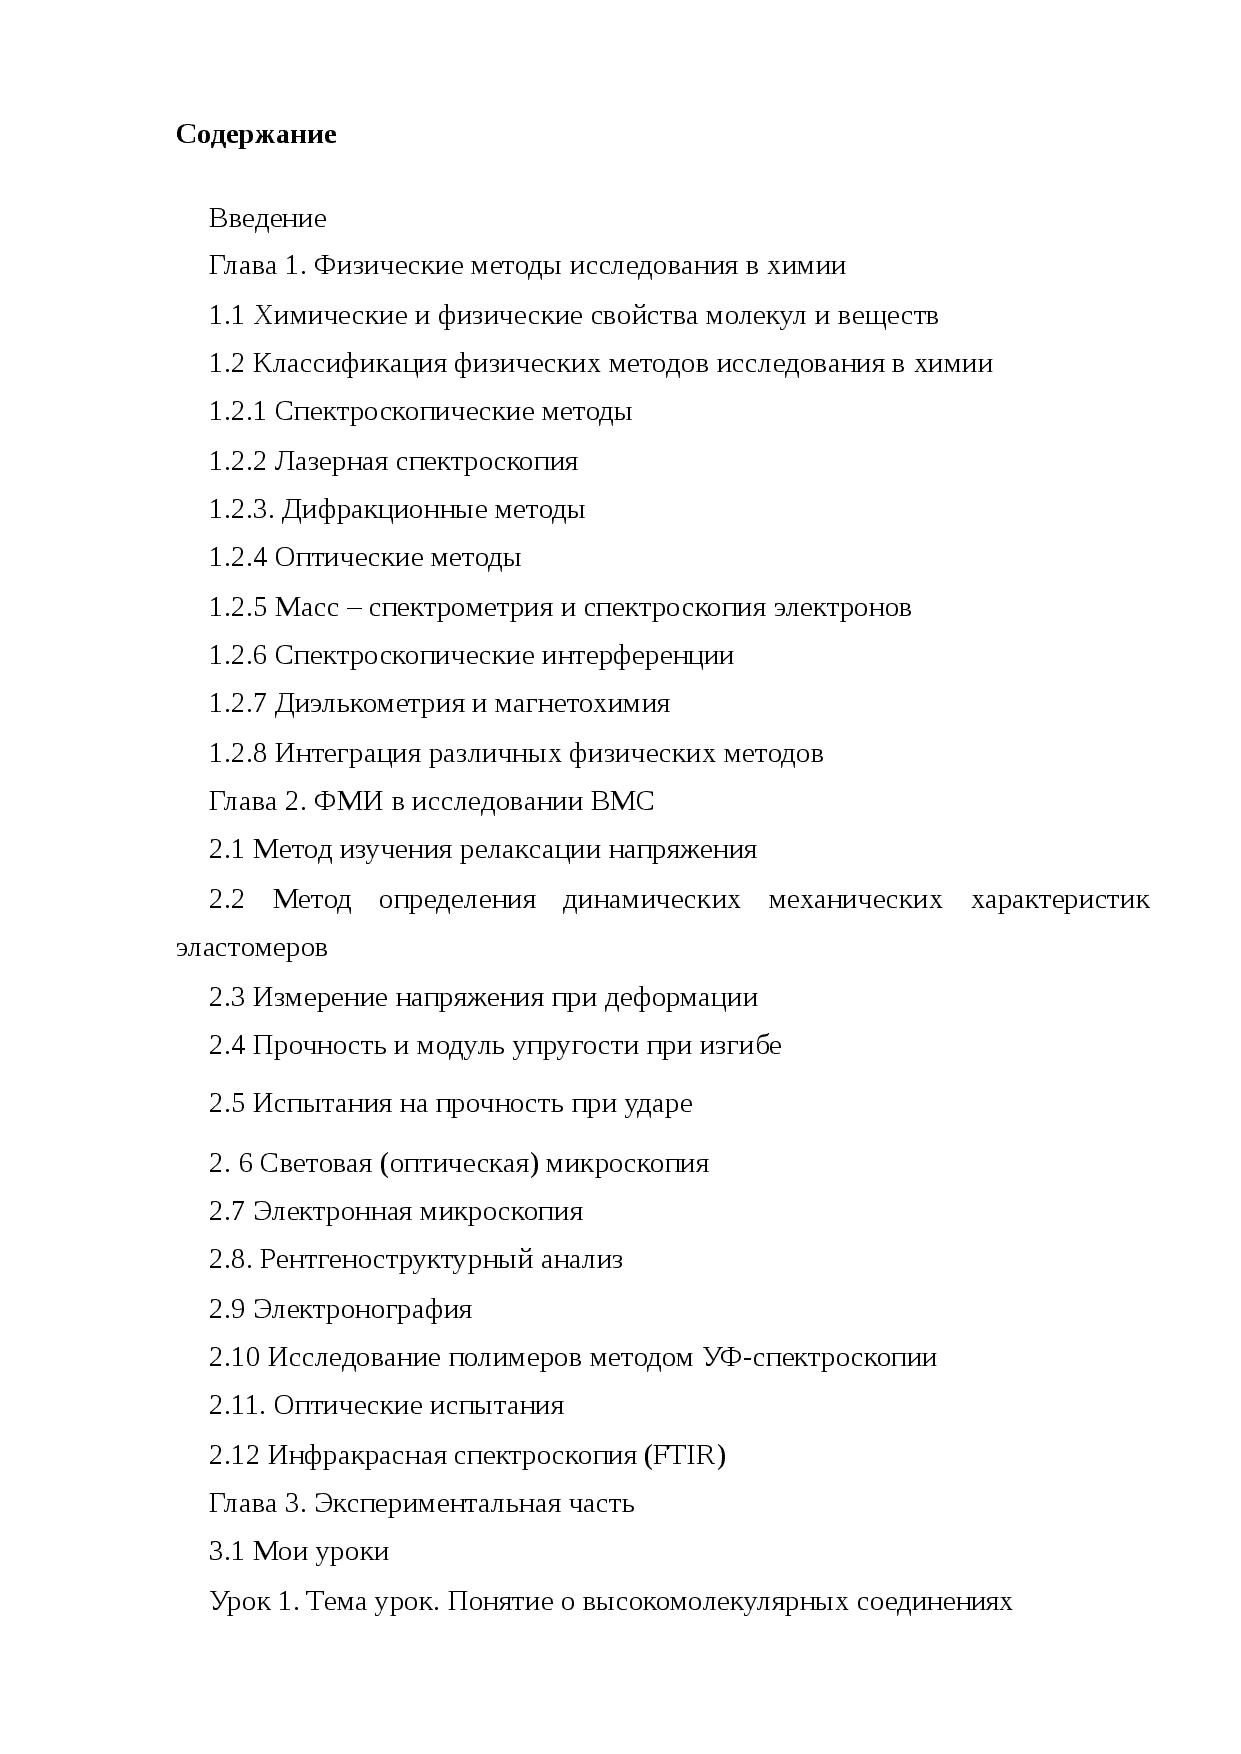 Методы исследования, как они есть